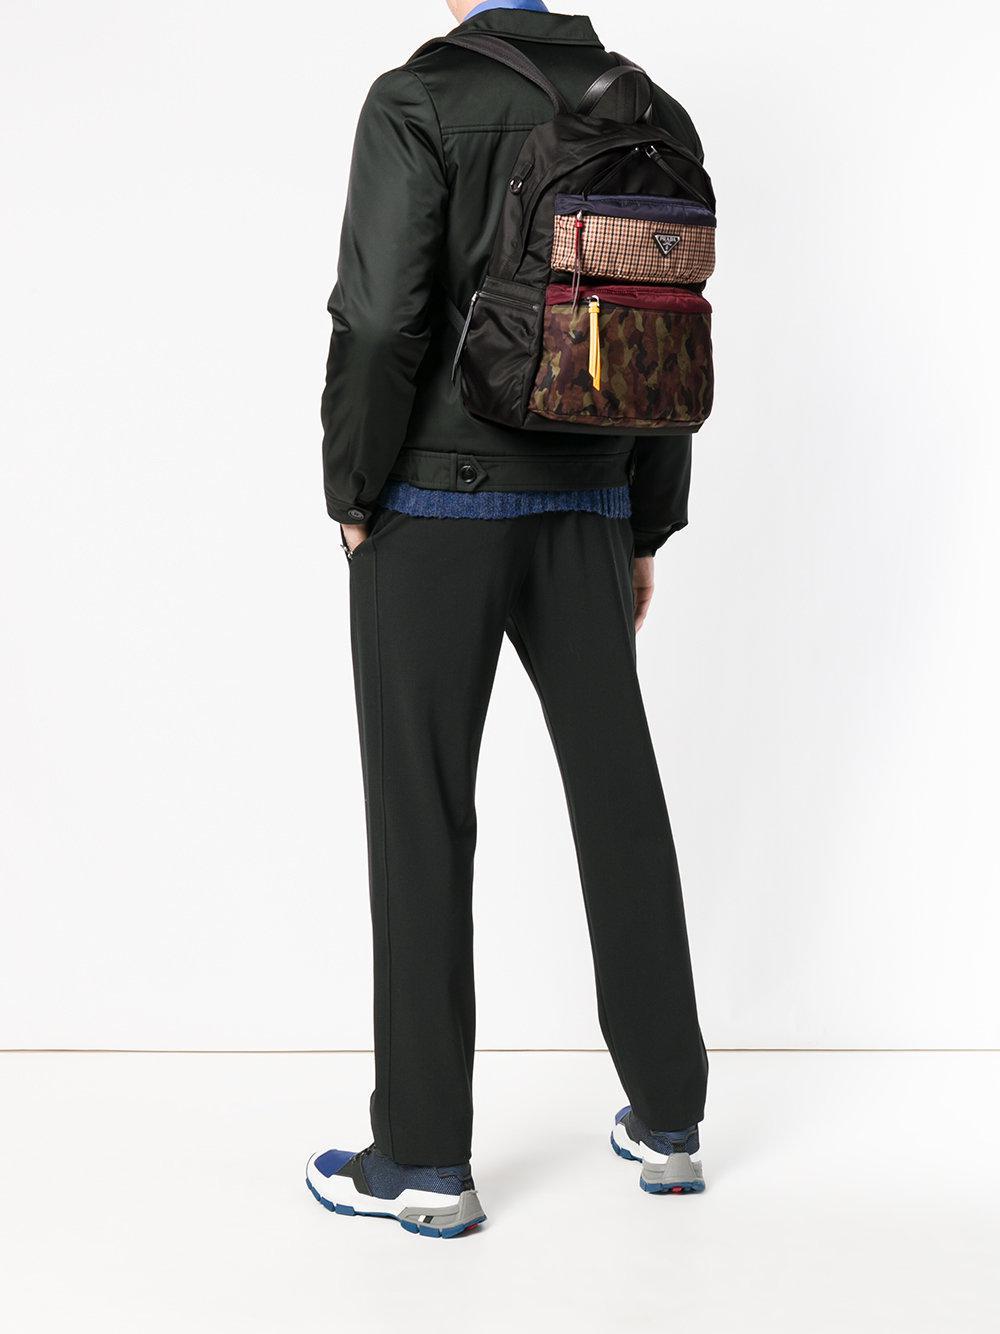 Prada Leather Adjustable Size Backpack in Black for Men